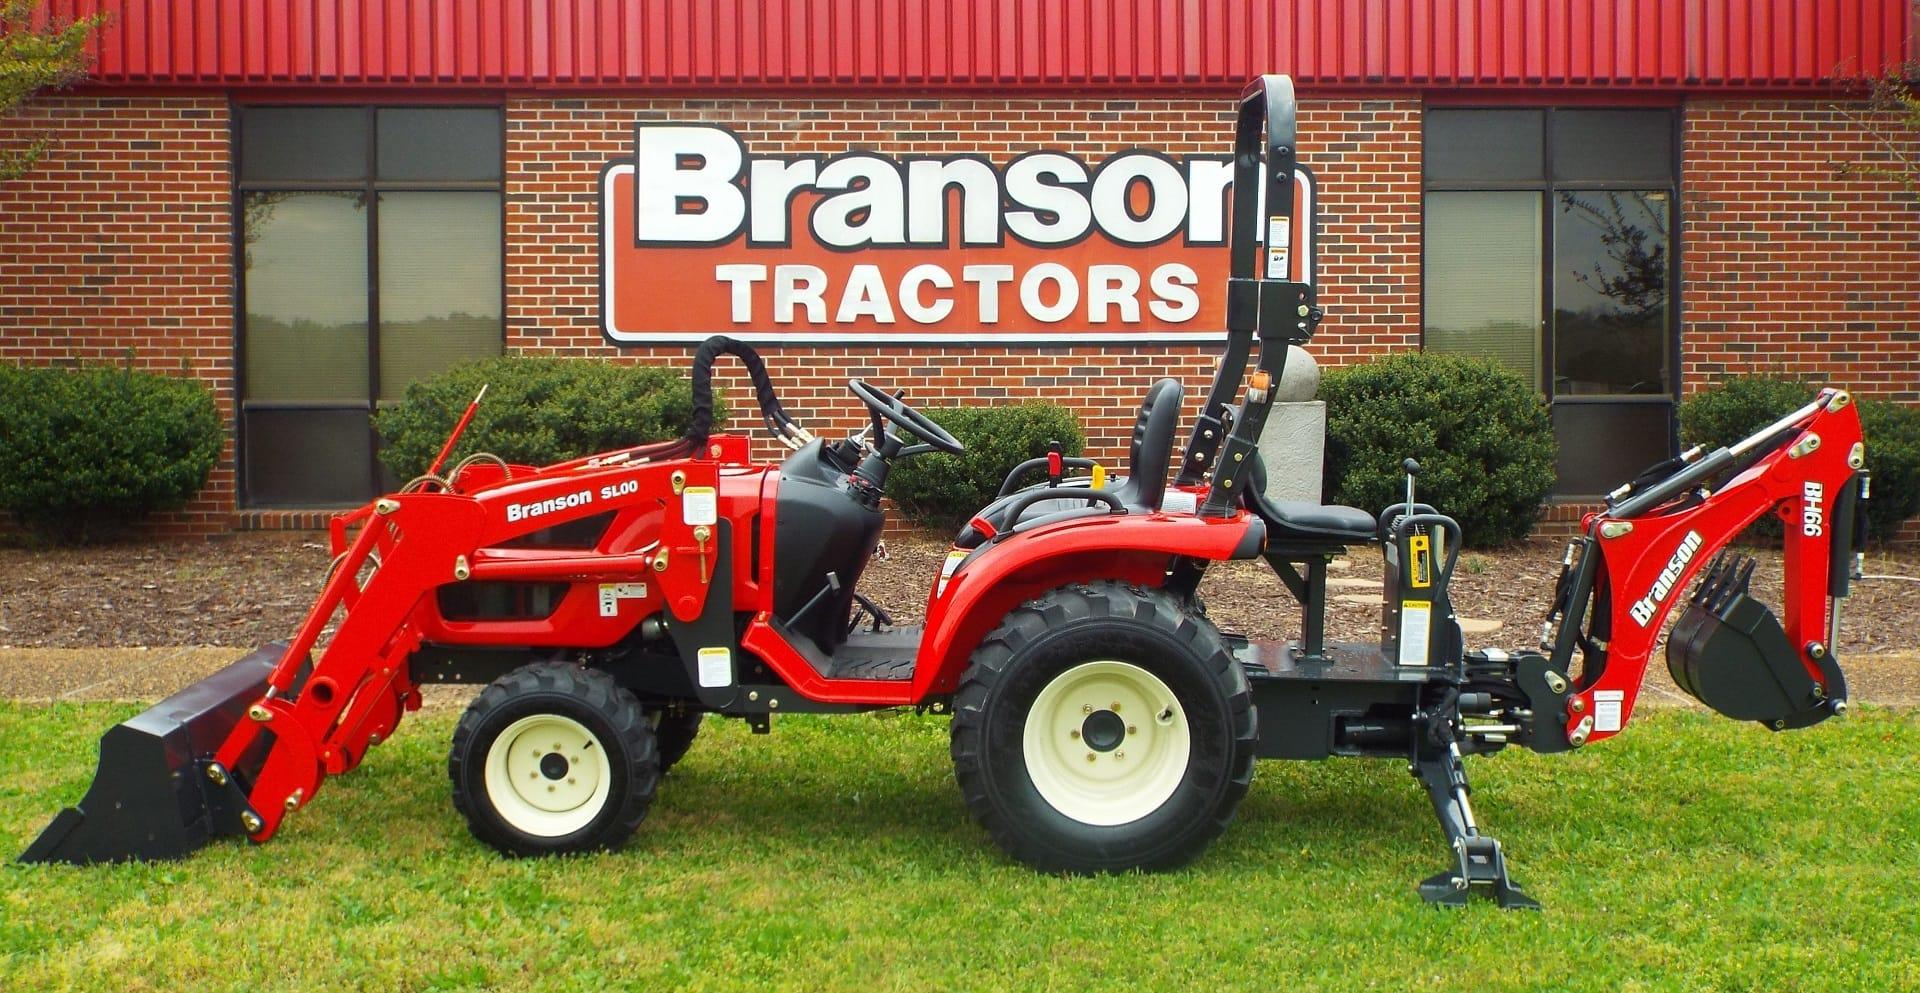 2400 Tractor Loader Backhoe